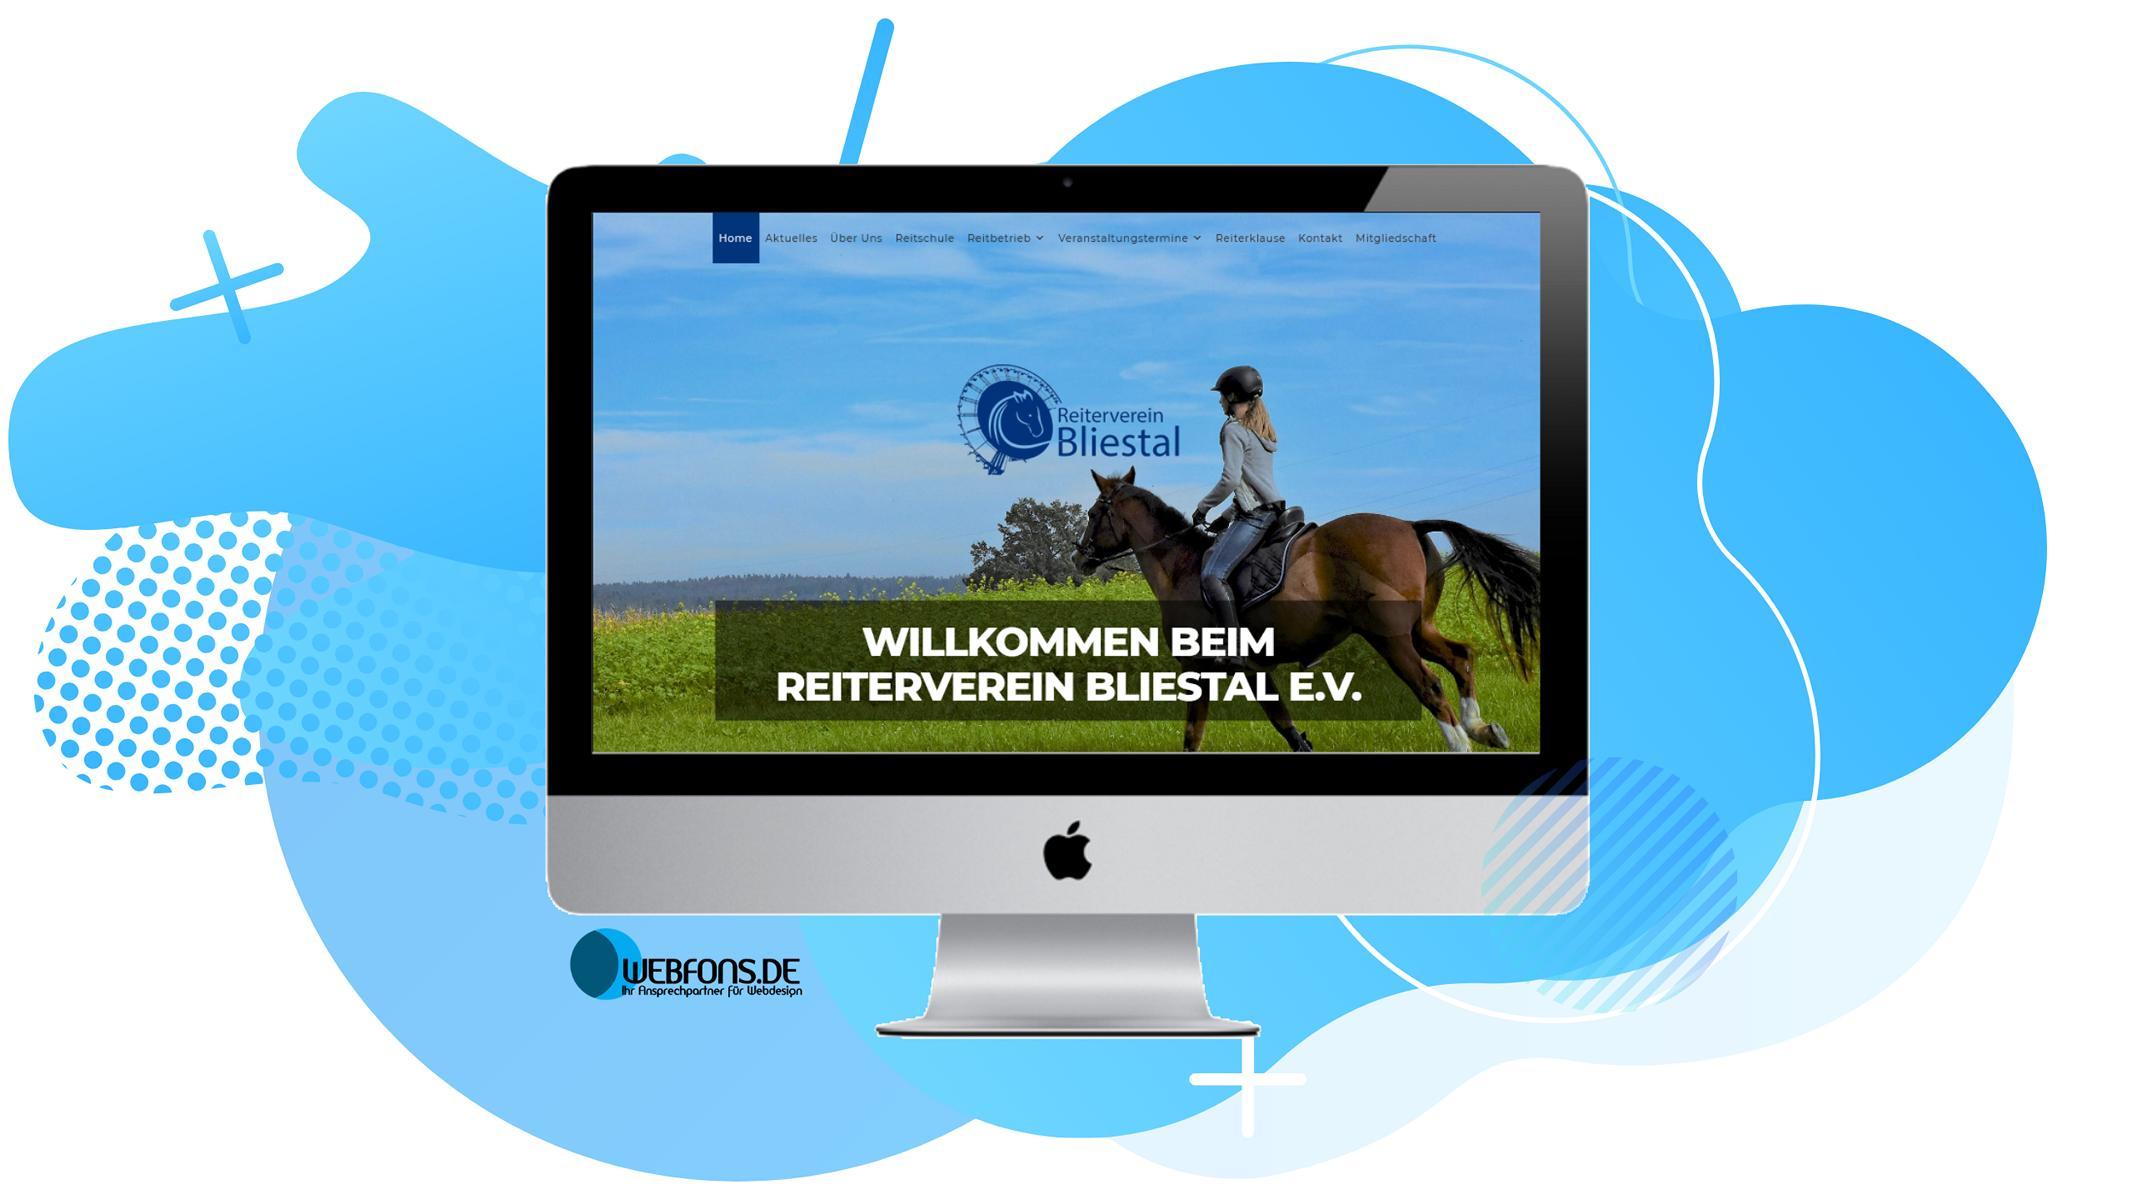 Referenzen - webfons.de